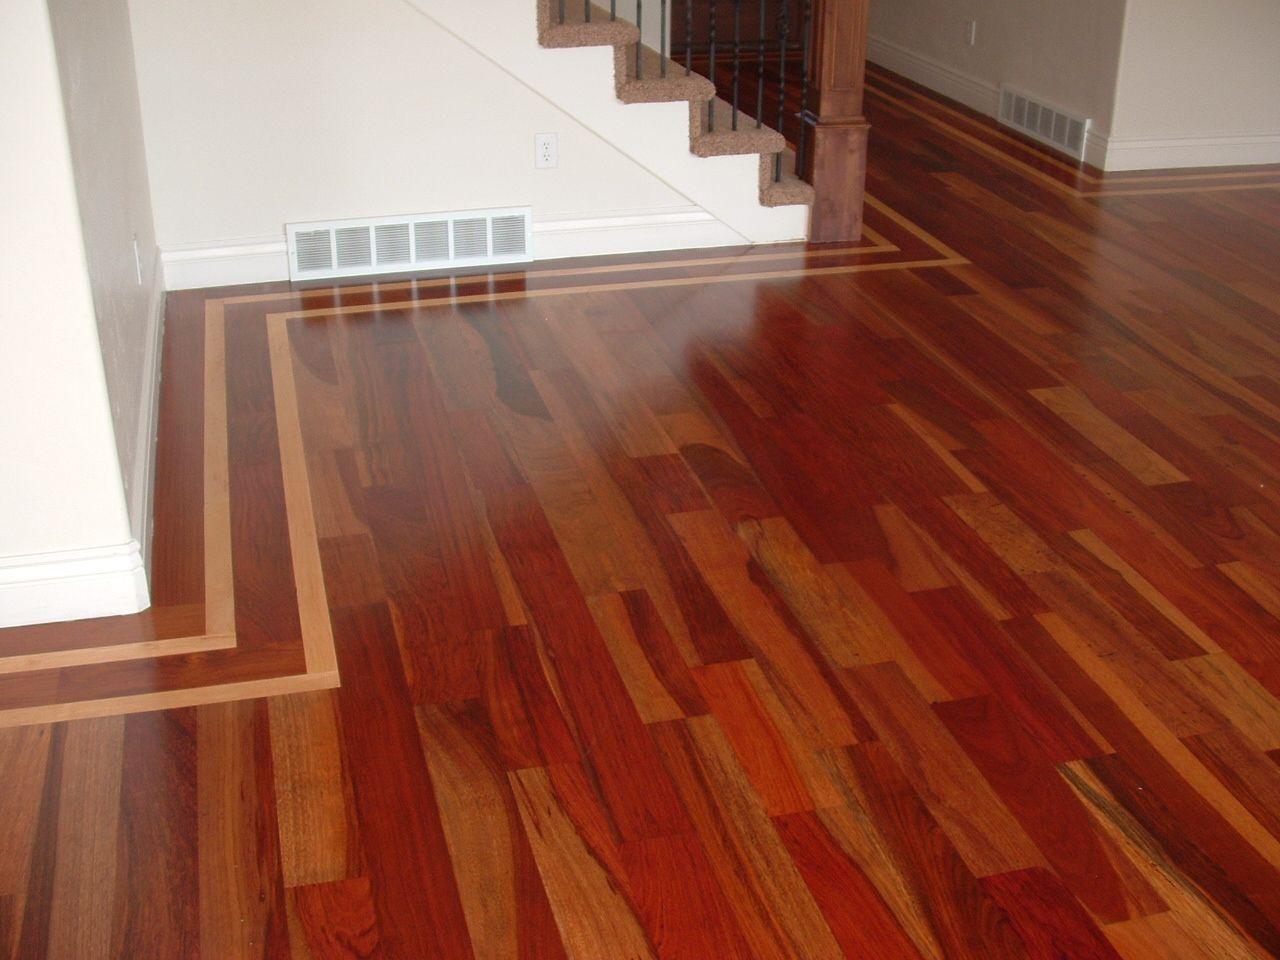 cherry hardwood floor. Brazilian Cherry Hardwood Flooring - Ideas Home Floor